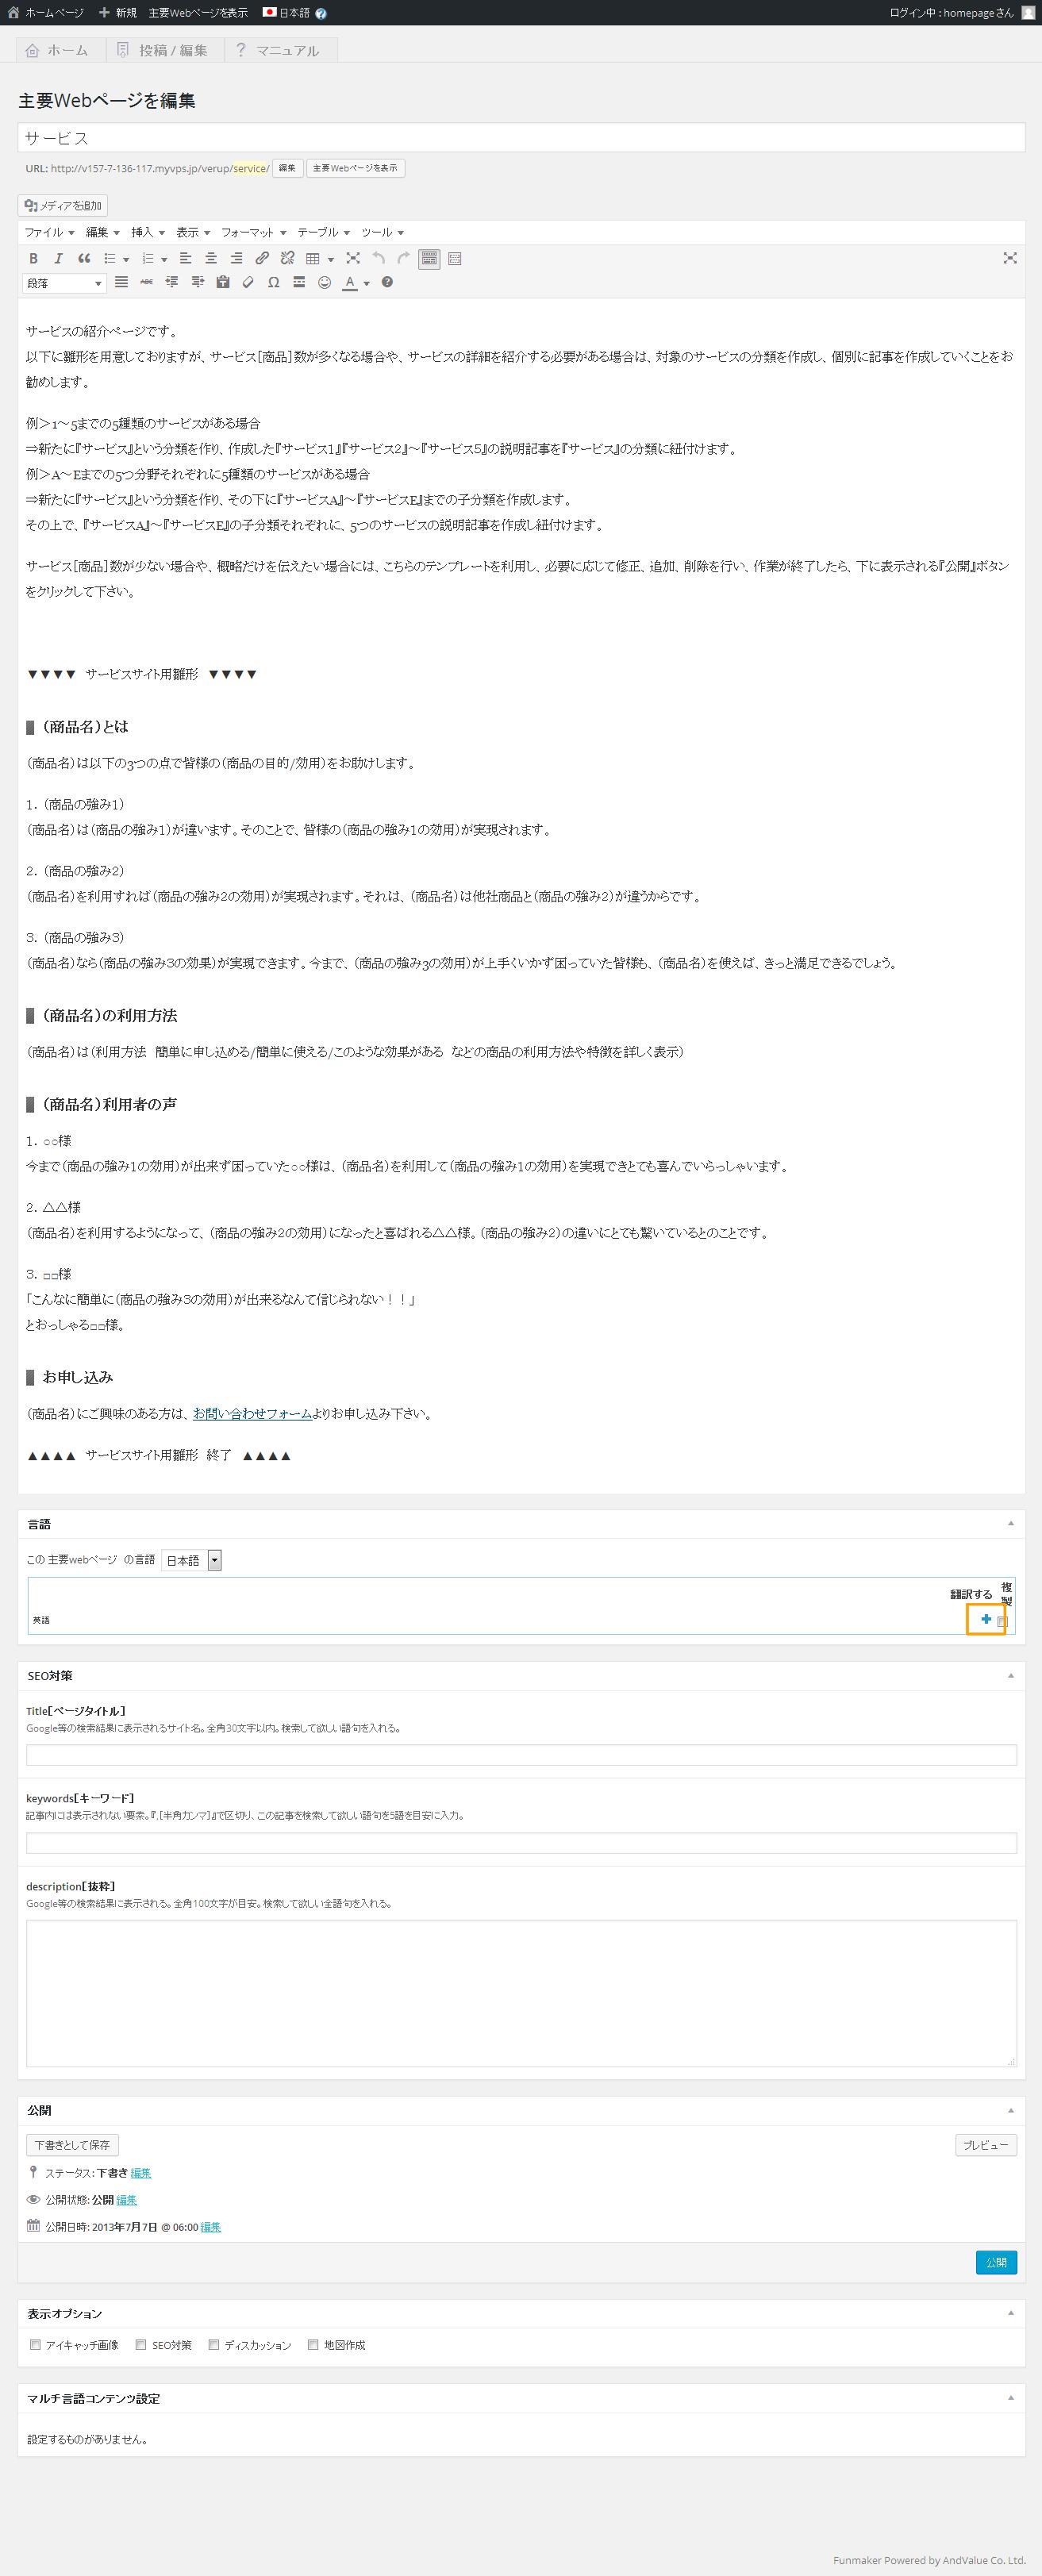 管理画面 固定コンテンツ サービス | 簡単格安ホームページ作成サイト - FunMaker